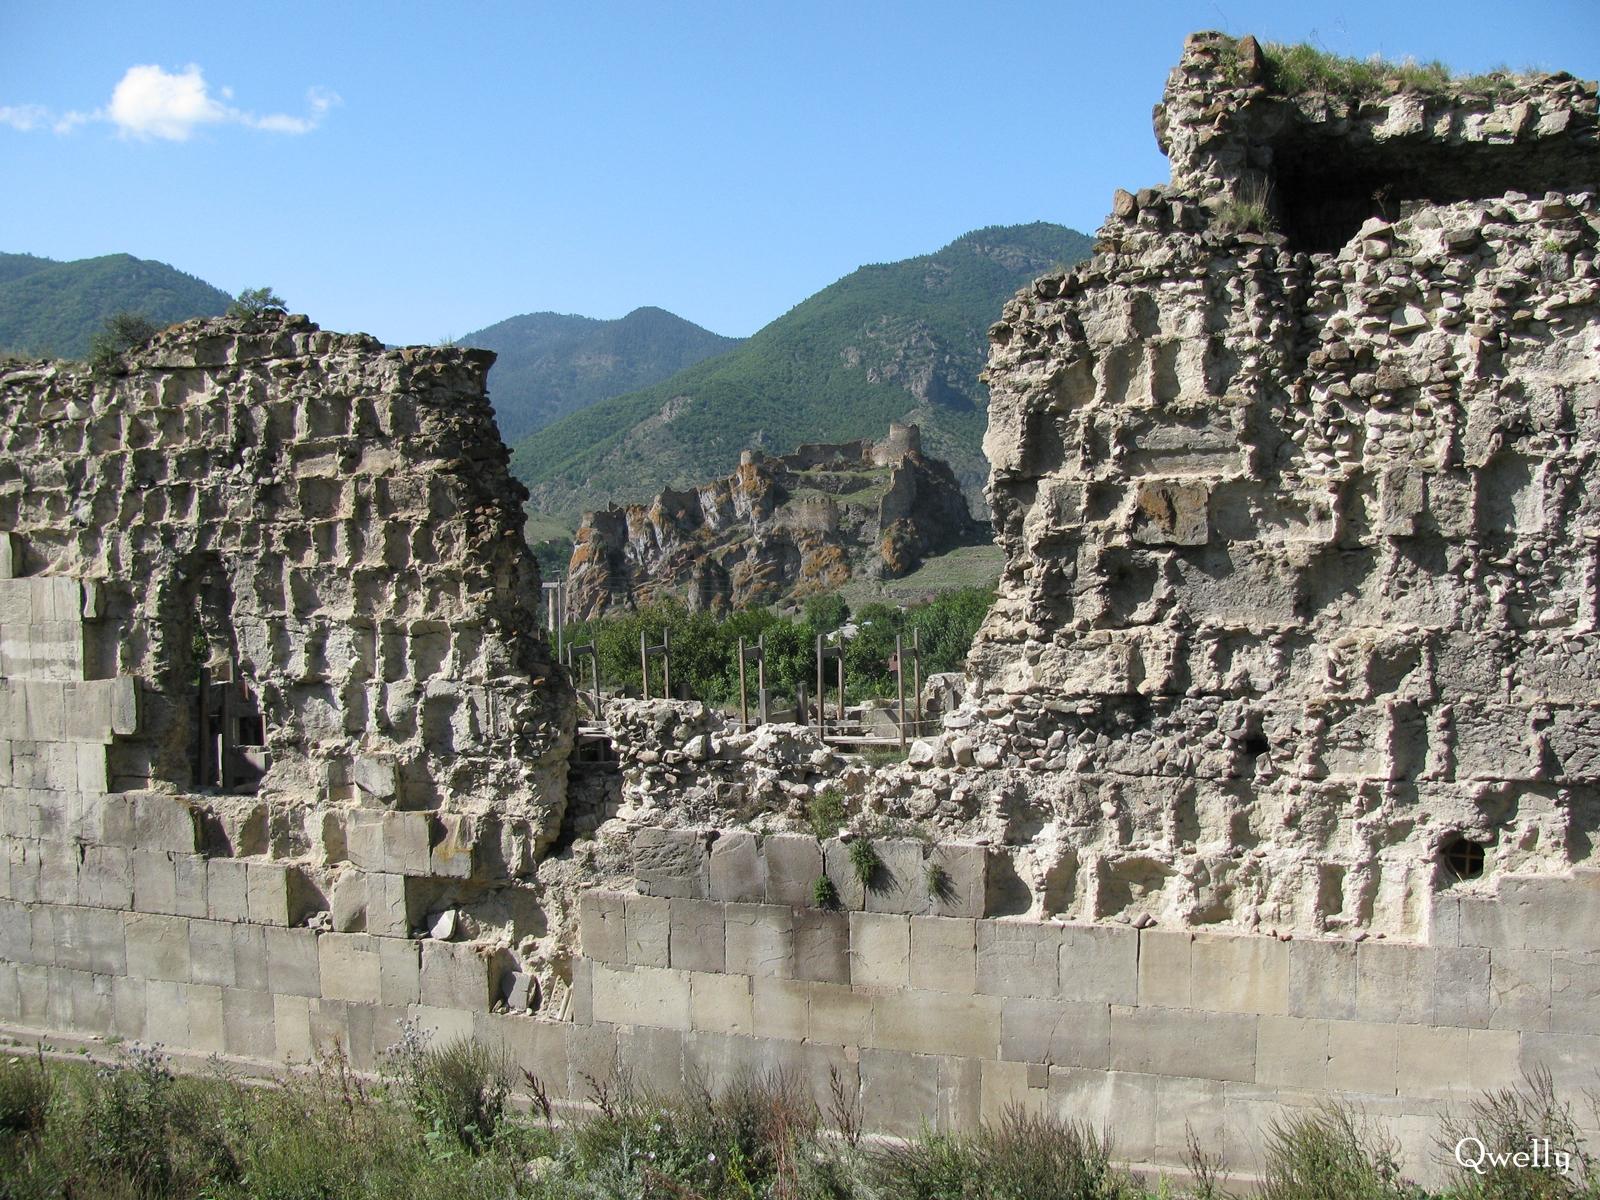 აწყურის ციხის ნანგრევი ტაძრის ნაშთებიდან, awyuris gmrtismshoblis saxelobis eklesia, blogi, giorgi maisuradzis blogi, qwelly, awyuri, gmrtismshobeli, xati, eklesia, awyuris cixe, castle, virgin icon, church, temple, აწყურის ღმრთისმშობლის სახელობის ტაძარი, ნანგრევები, აწყური, ციხე, აწყურის ციხე, აწყურის ღმრთისმშობელი, ღმრთისმშობლის ხატი, ციხესიმაგრე, ტაძარი, ტაძრის ნანგრევები, გიორგი მაისურაძის ბლოგი, ქველი